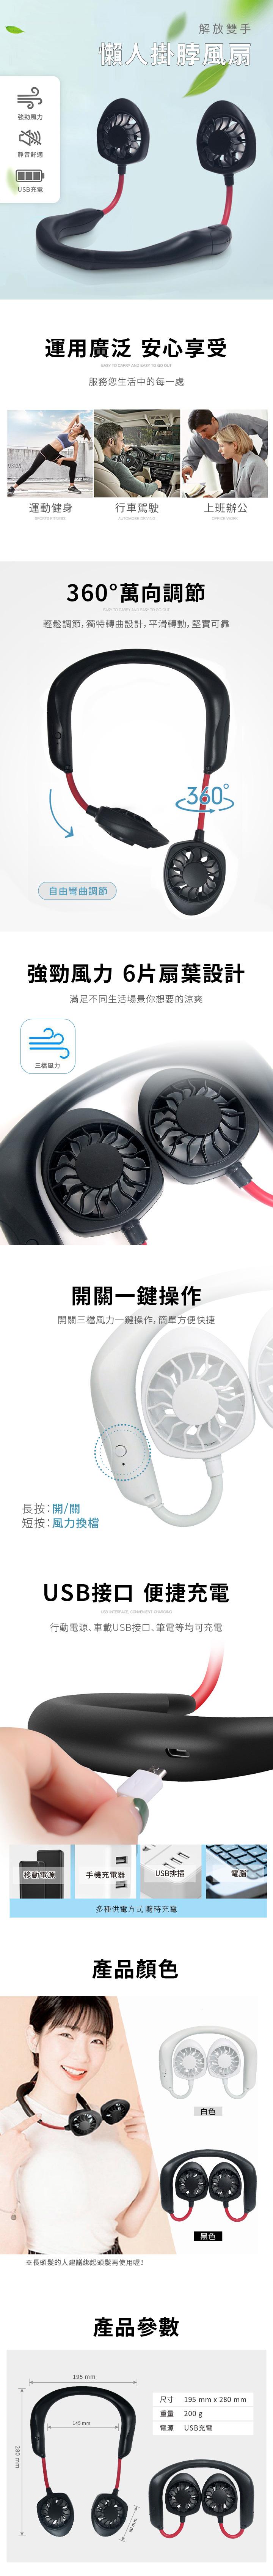 【USB頸掛式風扇(黑紅/白)】USB充電式風扇 掛脖風扇 電風扇 風扇 雙頭風扇 隨身風扇 小風扇 懶人扇